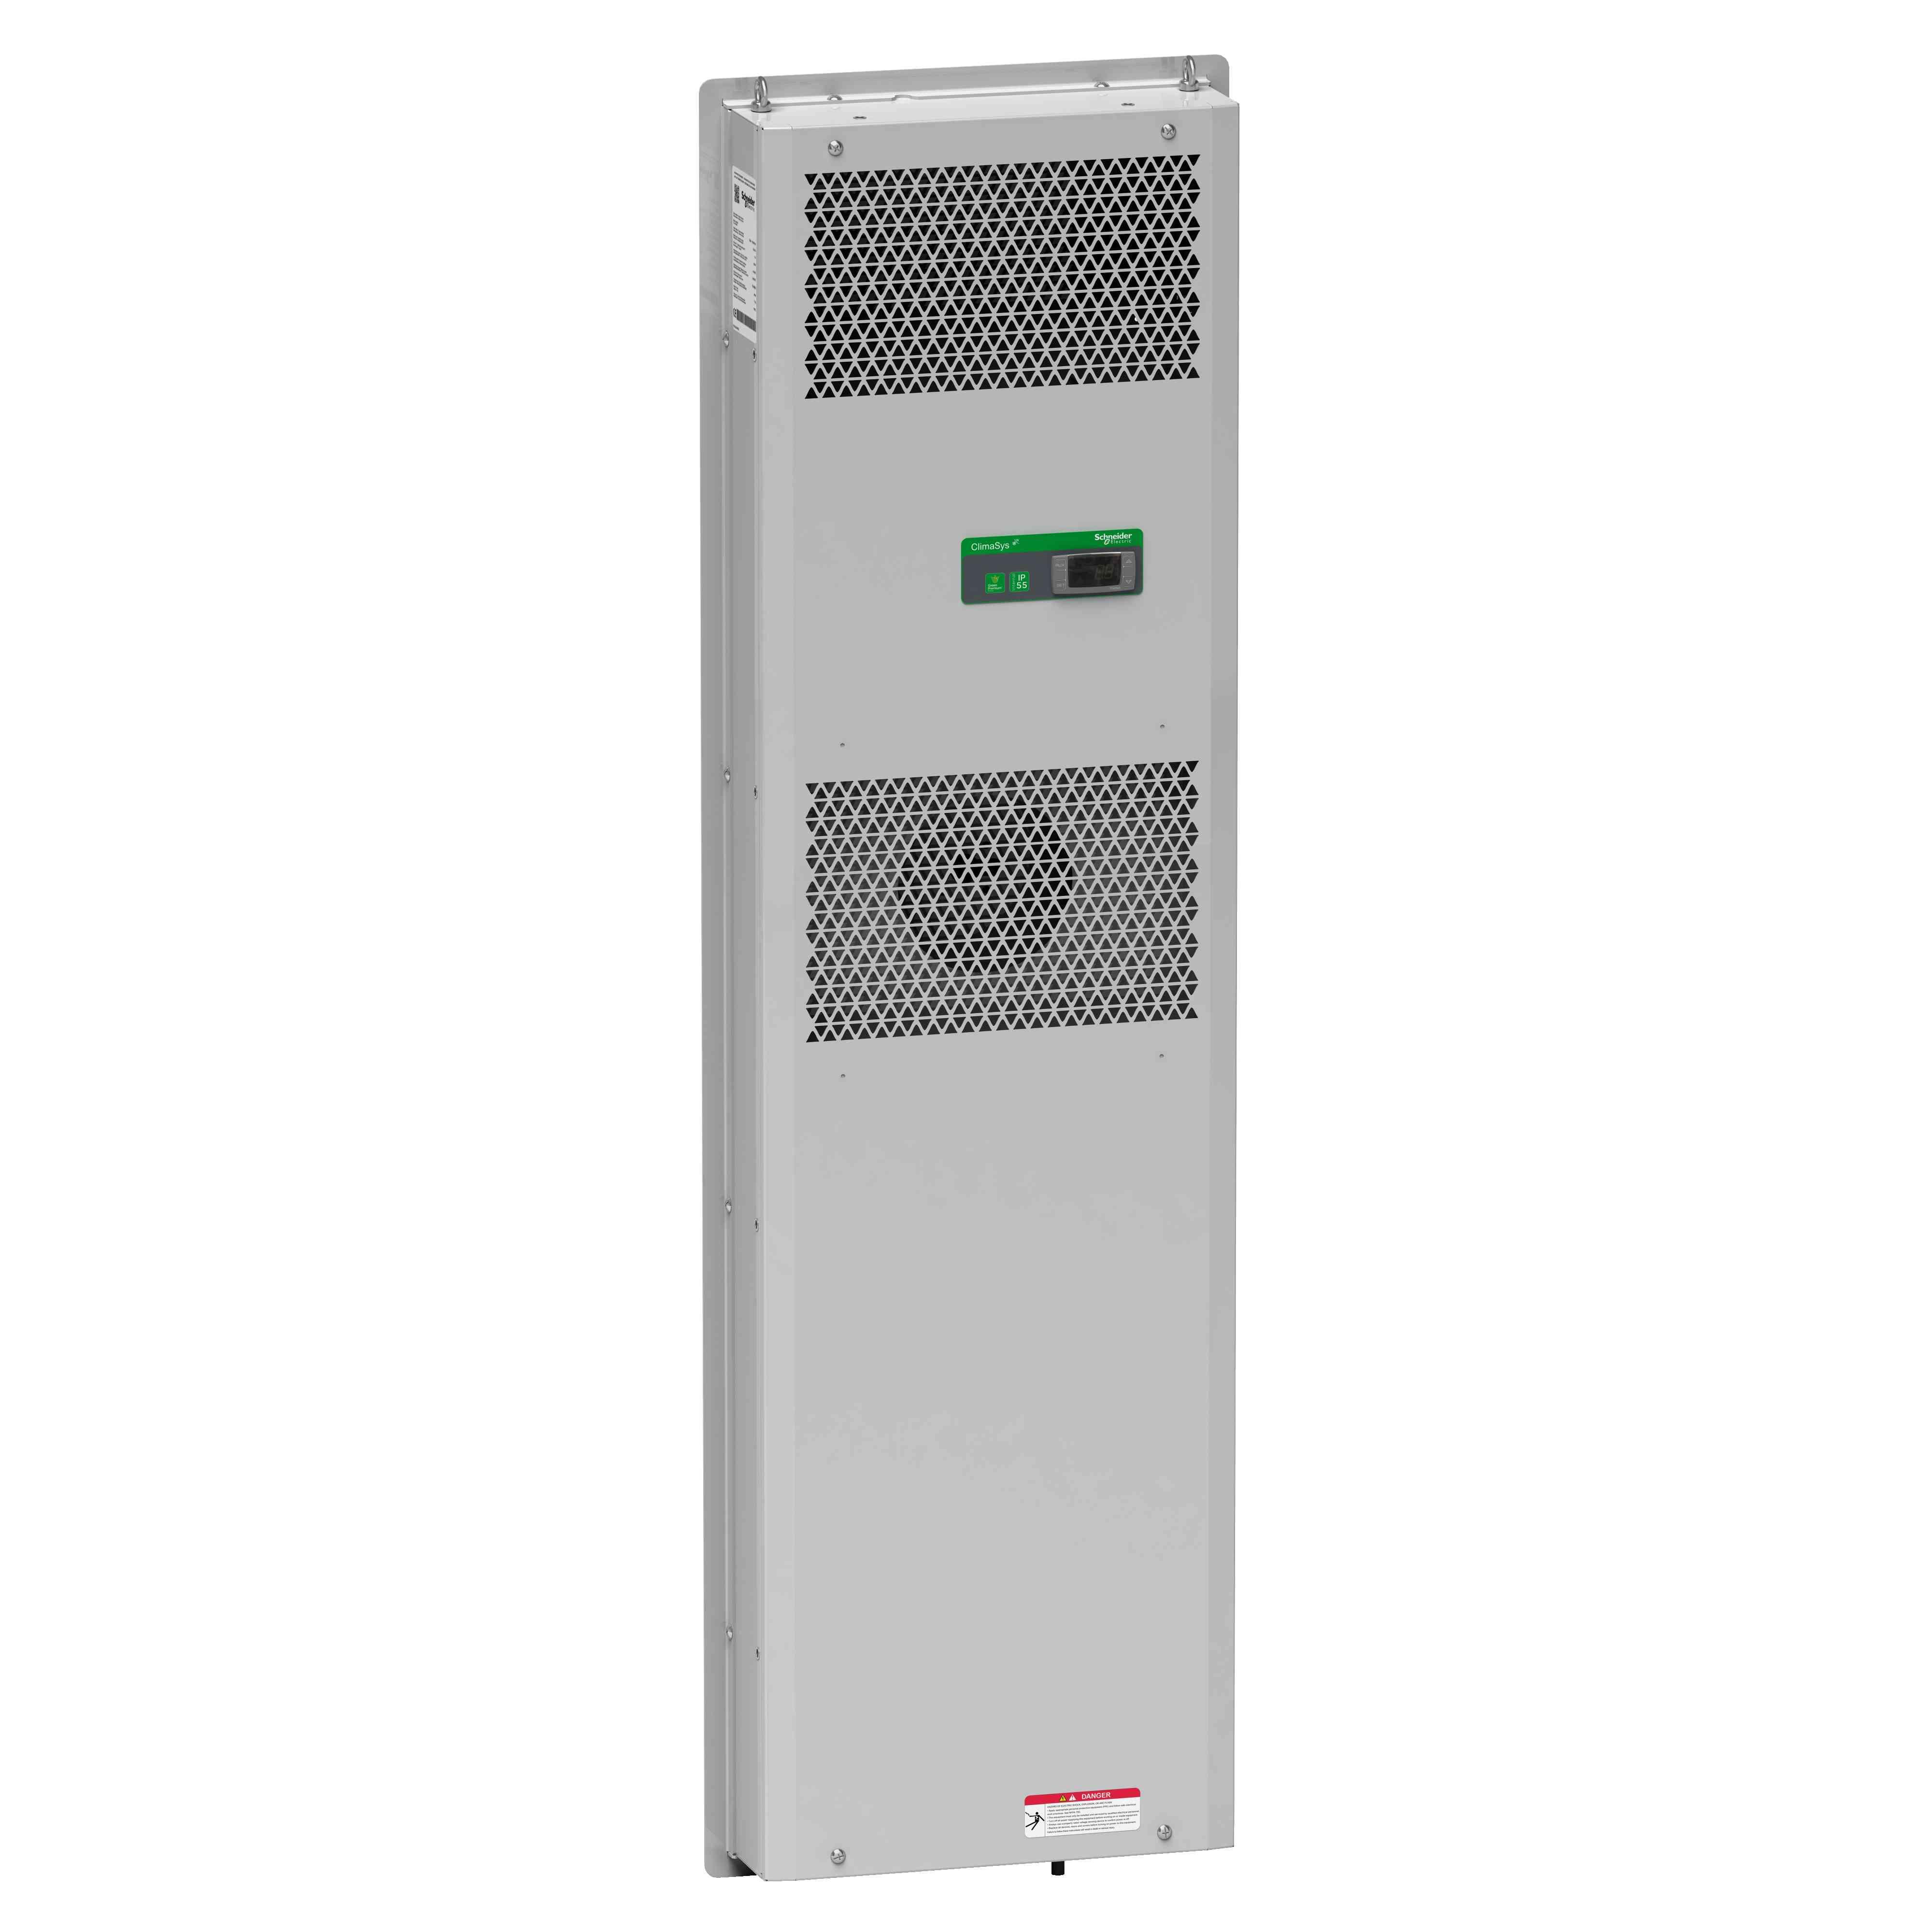 Blok s tanko notranjo hladilno enoto ClimaSys - 1500 W pri 230 V - UL